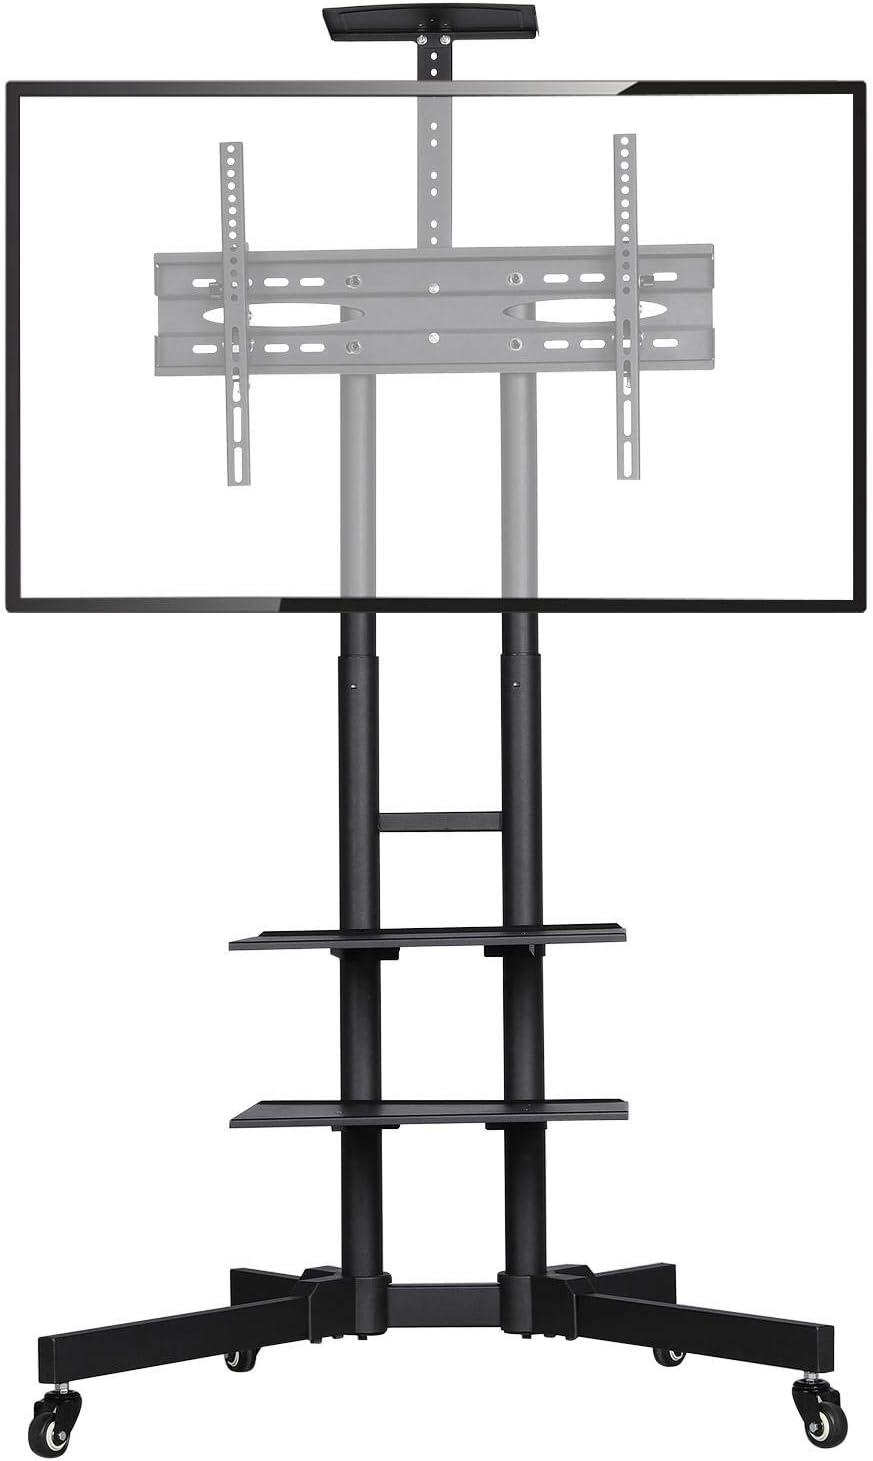 Yaheetech - Soporte universal para televisores de 32 a 70 pulgadas (altura regulable y orientable, VESA 600 x 400 mm): Amazon.es: Juguetes y juegos